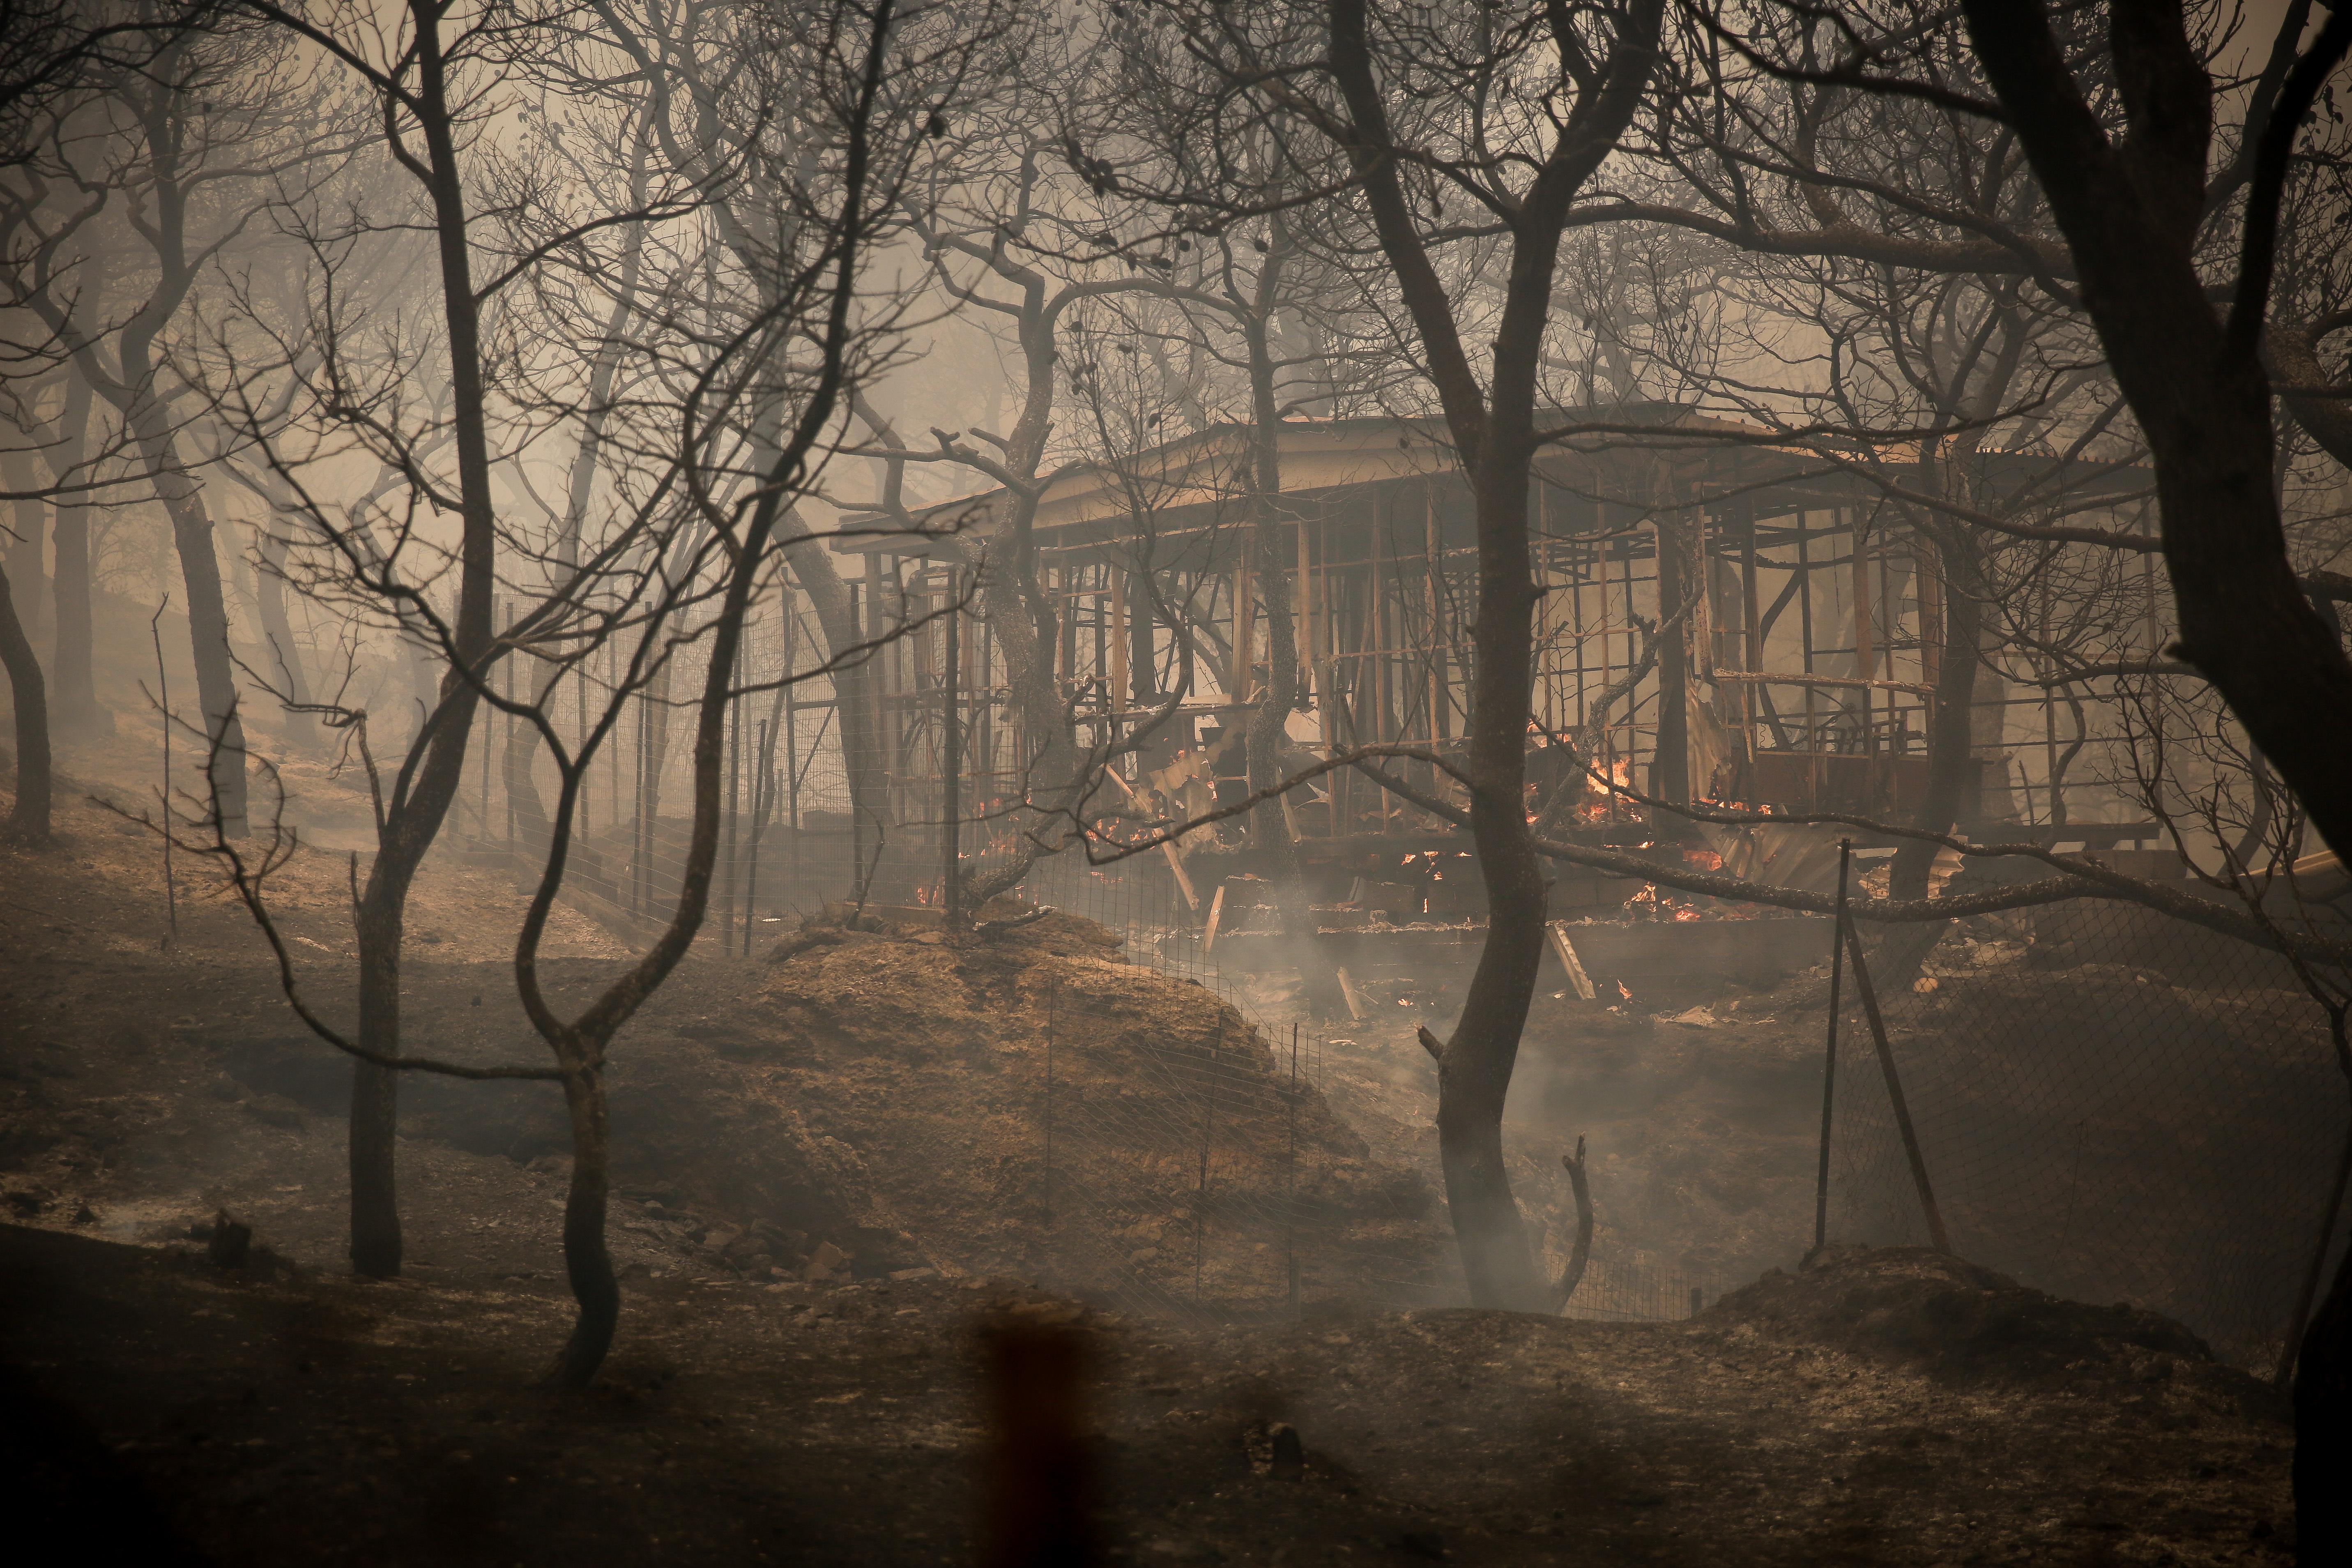 eikones-oloklirotikis-katastrofis-apo-tis-pyrkagies-foto-amp-8211-vinteo34